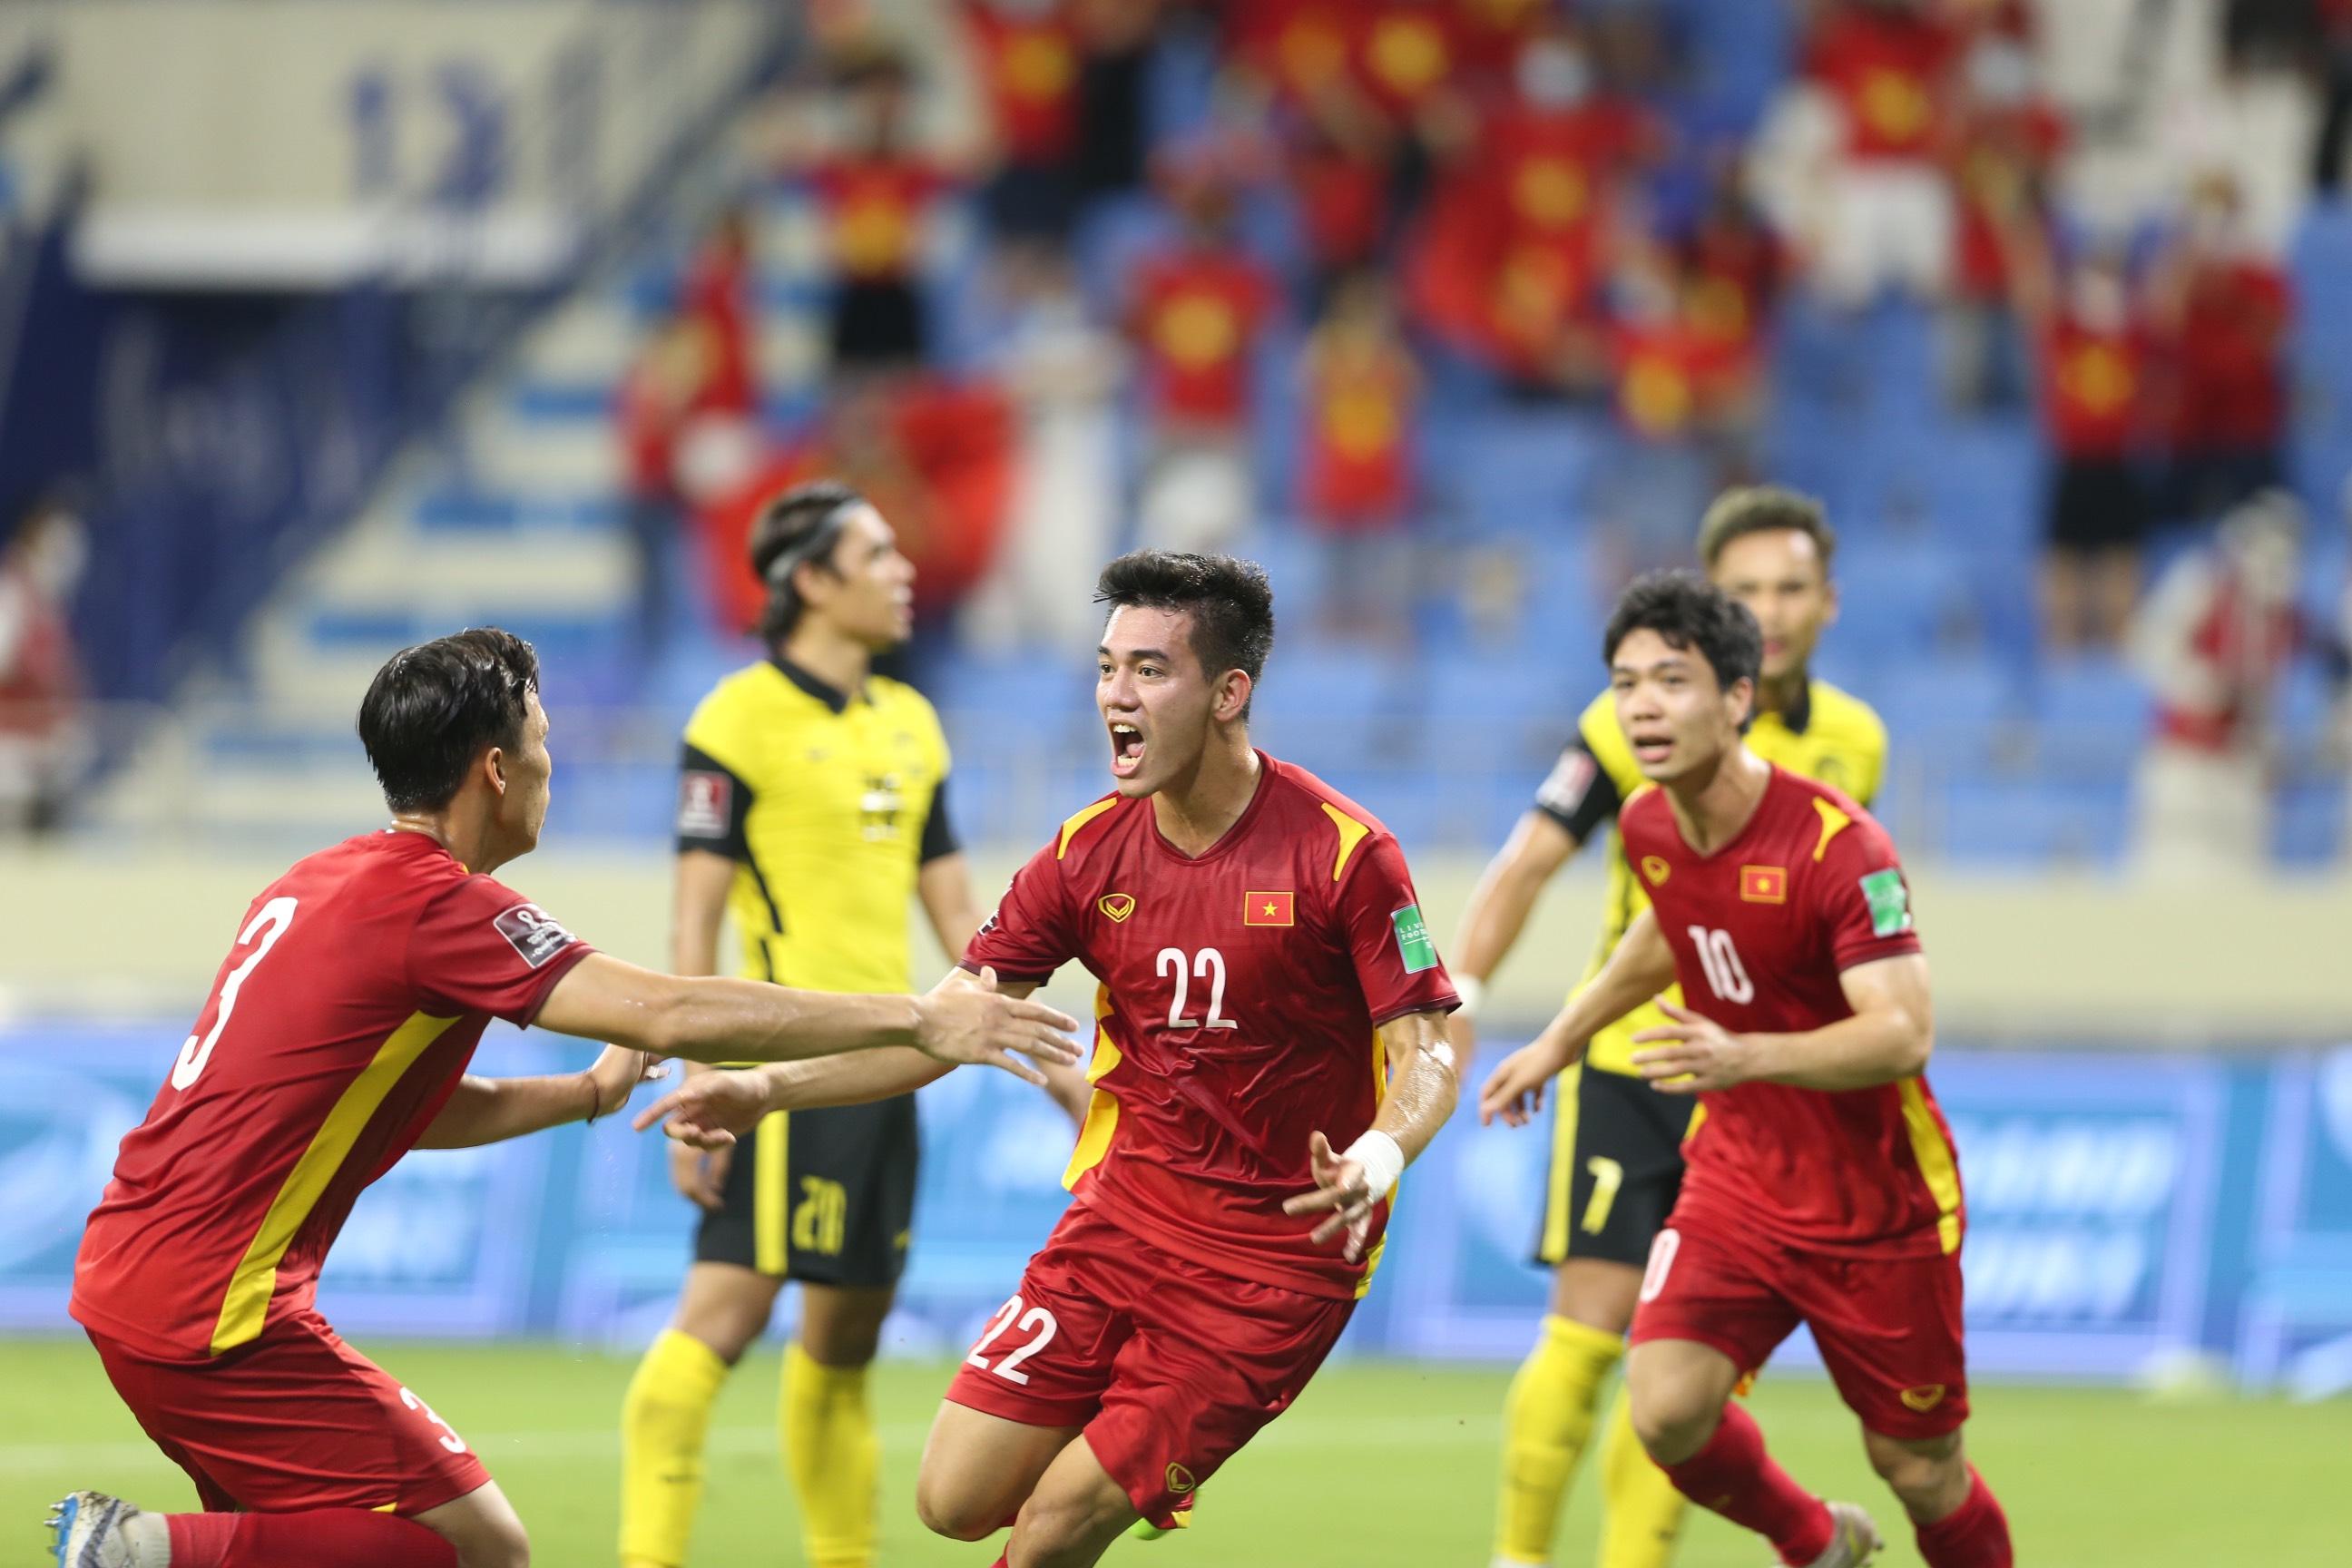 Hành trình Việt Nam vào vòng loại 3 chung kết Wordcup 2022